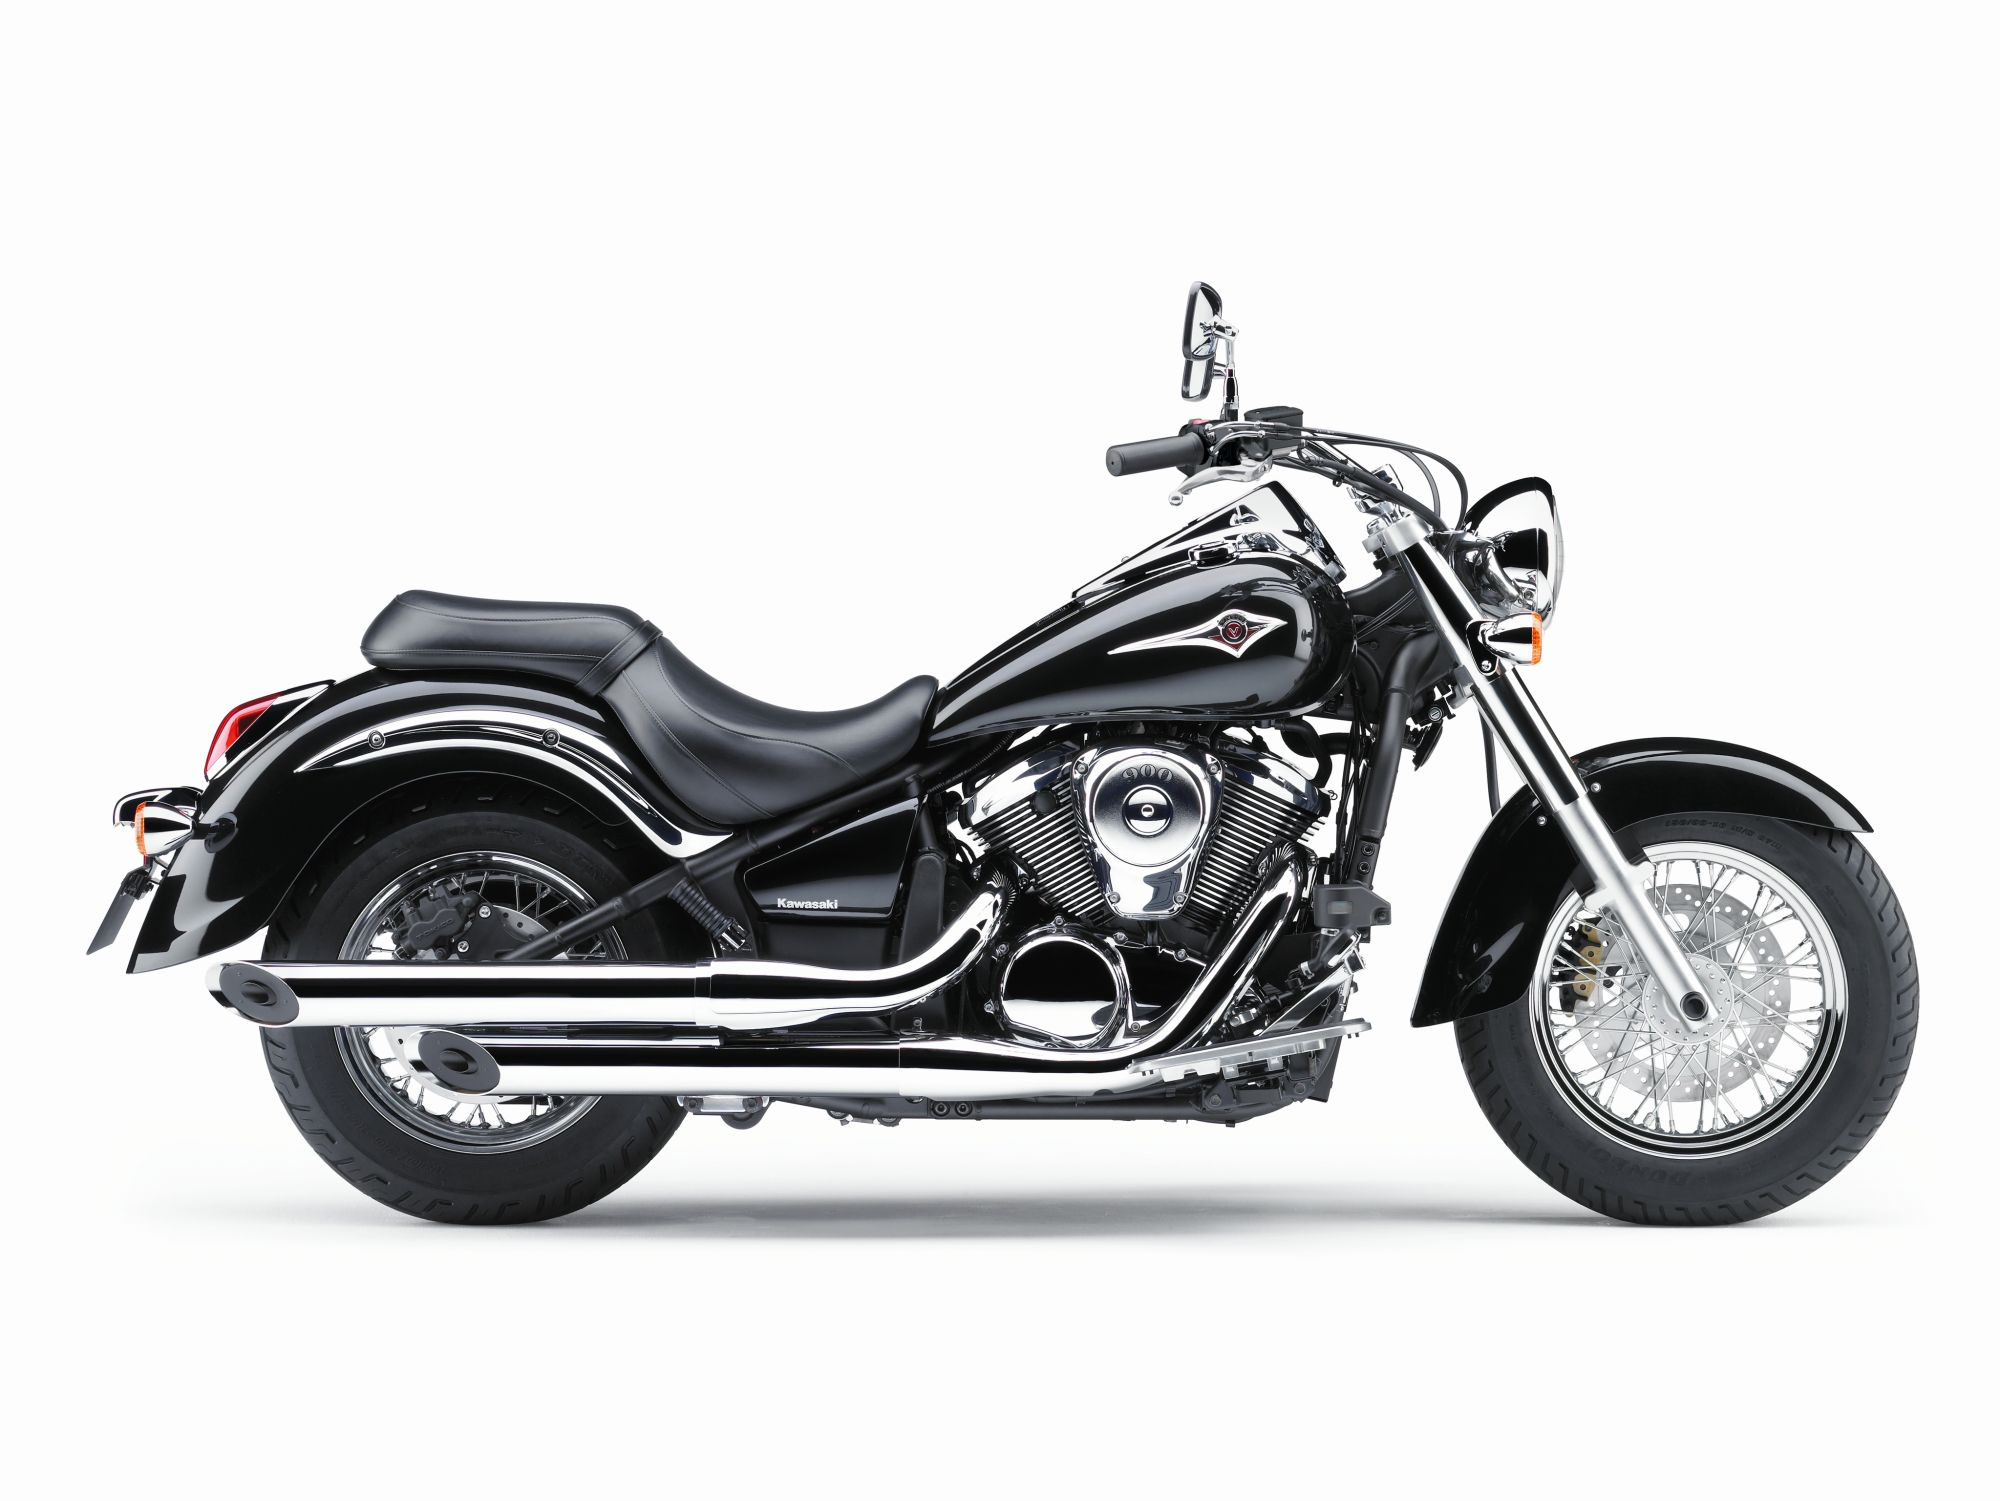 gebrauchte kawasaki vn 900 classic motorr der kaufen. Black Bedroom Furniture Sets. Home Design Ideas